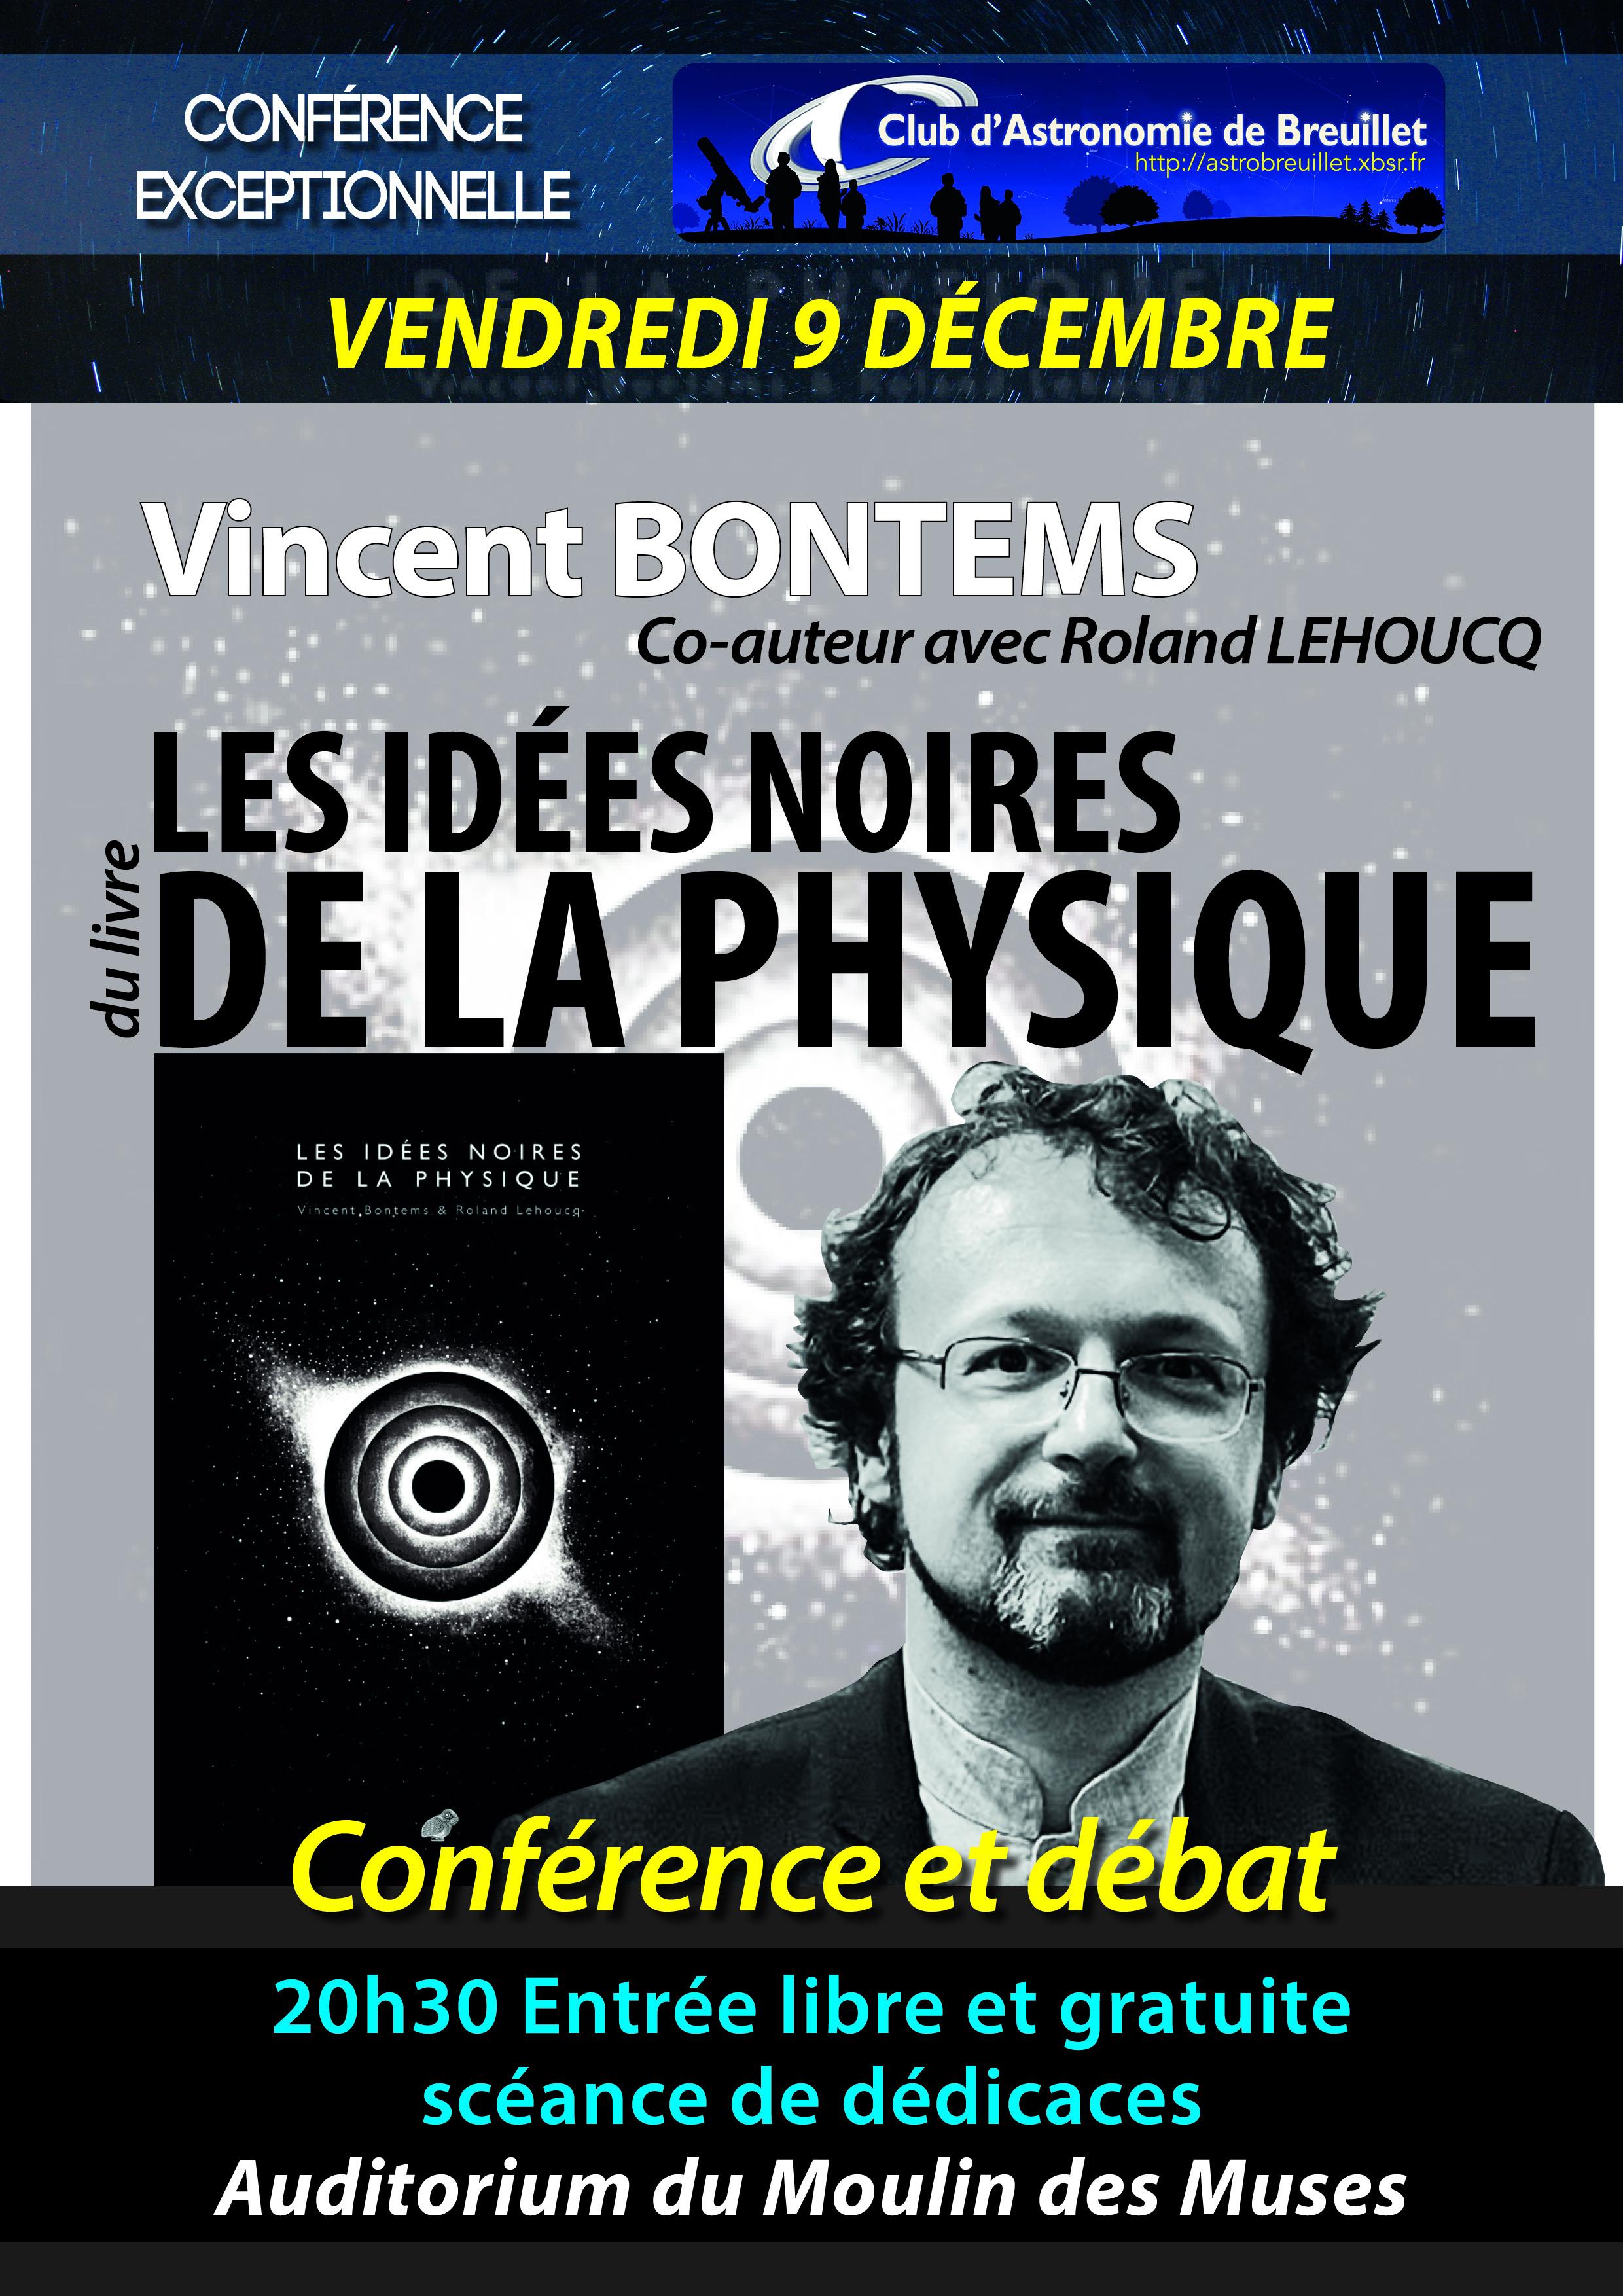 9 décembre : Les Idées noires en physique